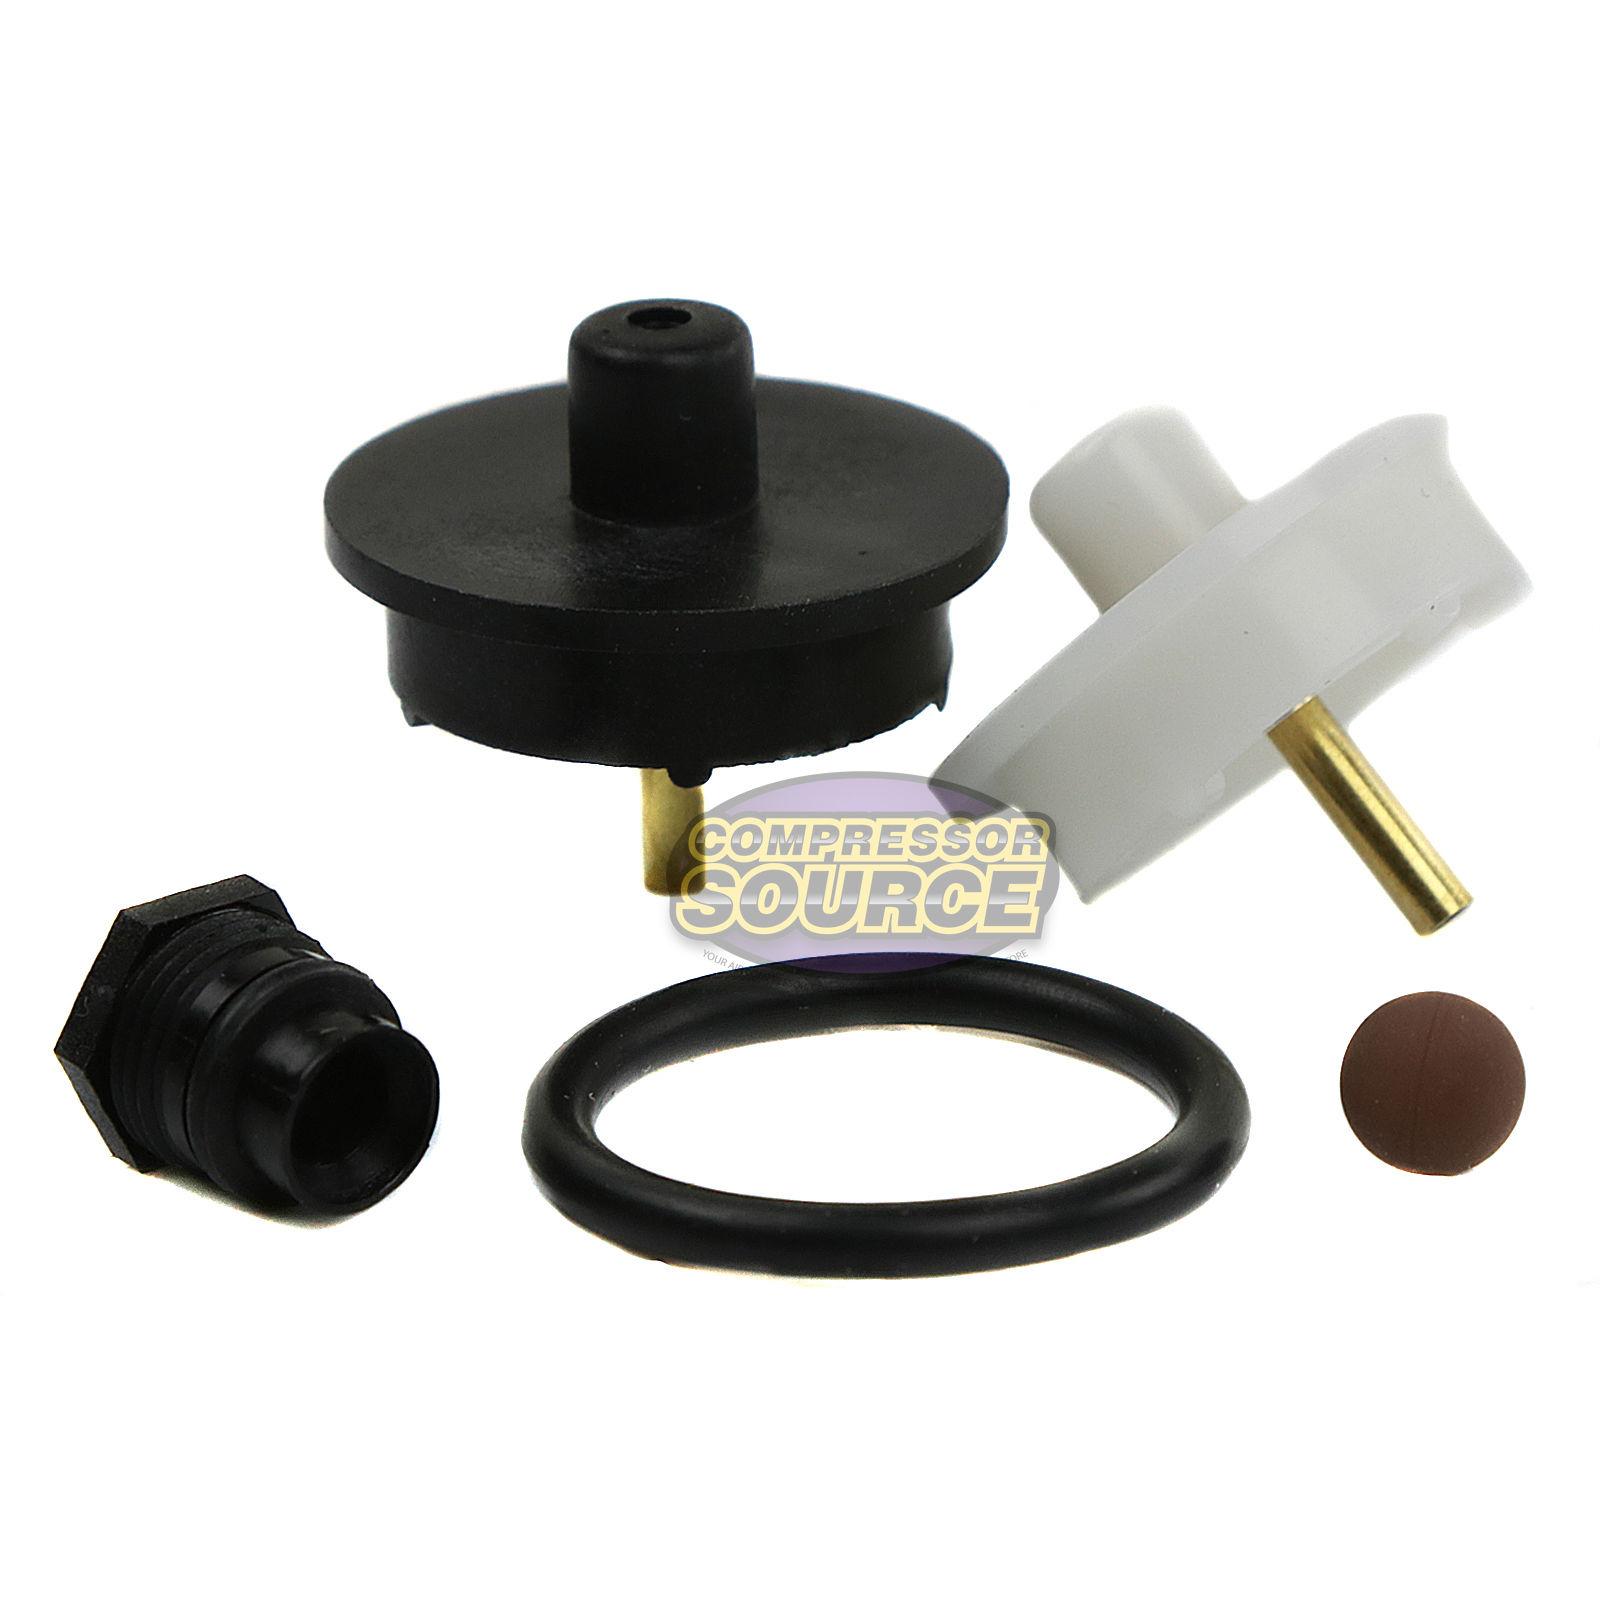 Sanborn coleman powermate air compressor